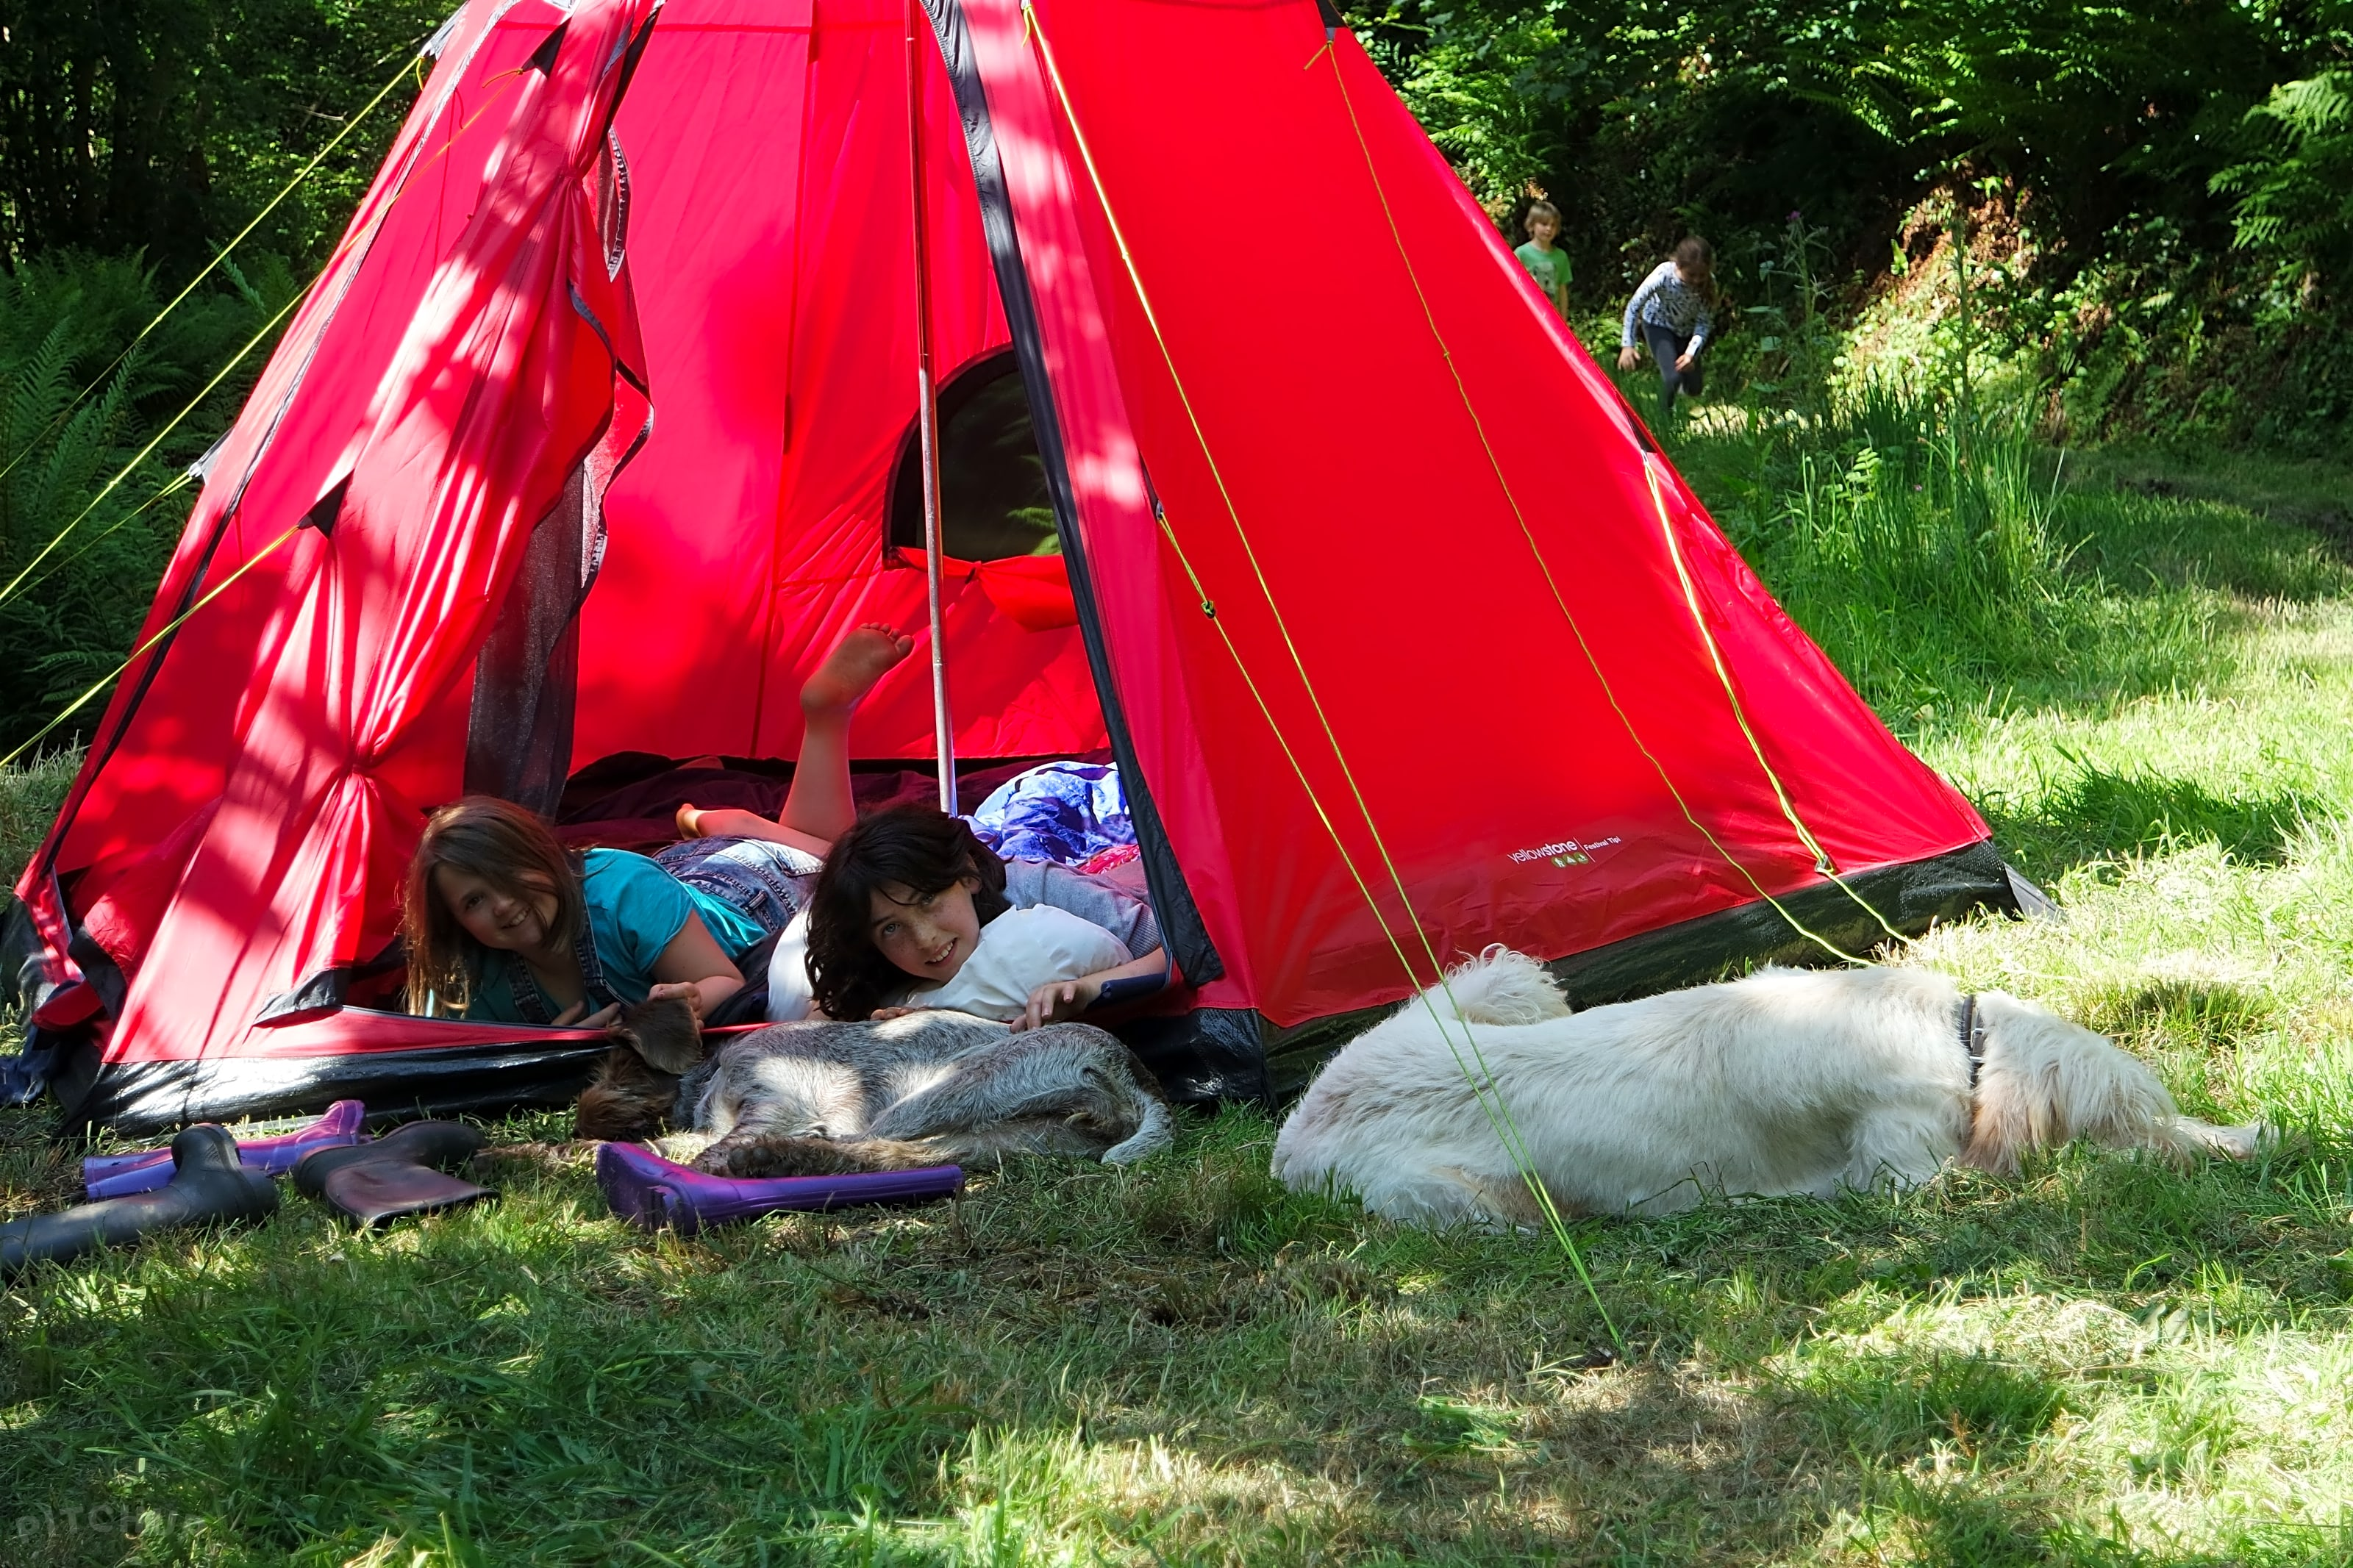 Yomer Wood Camping, Ilfracombe Oppdaterte priser for 2020